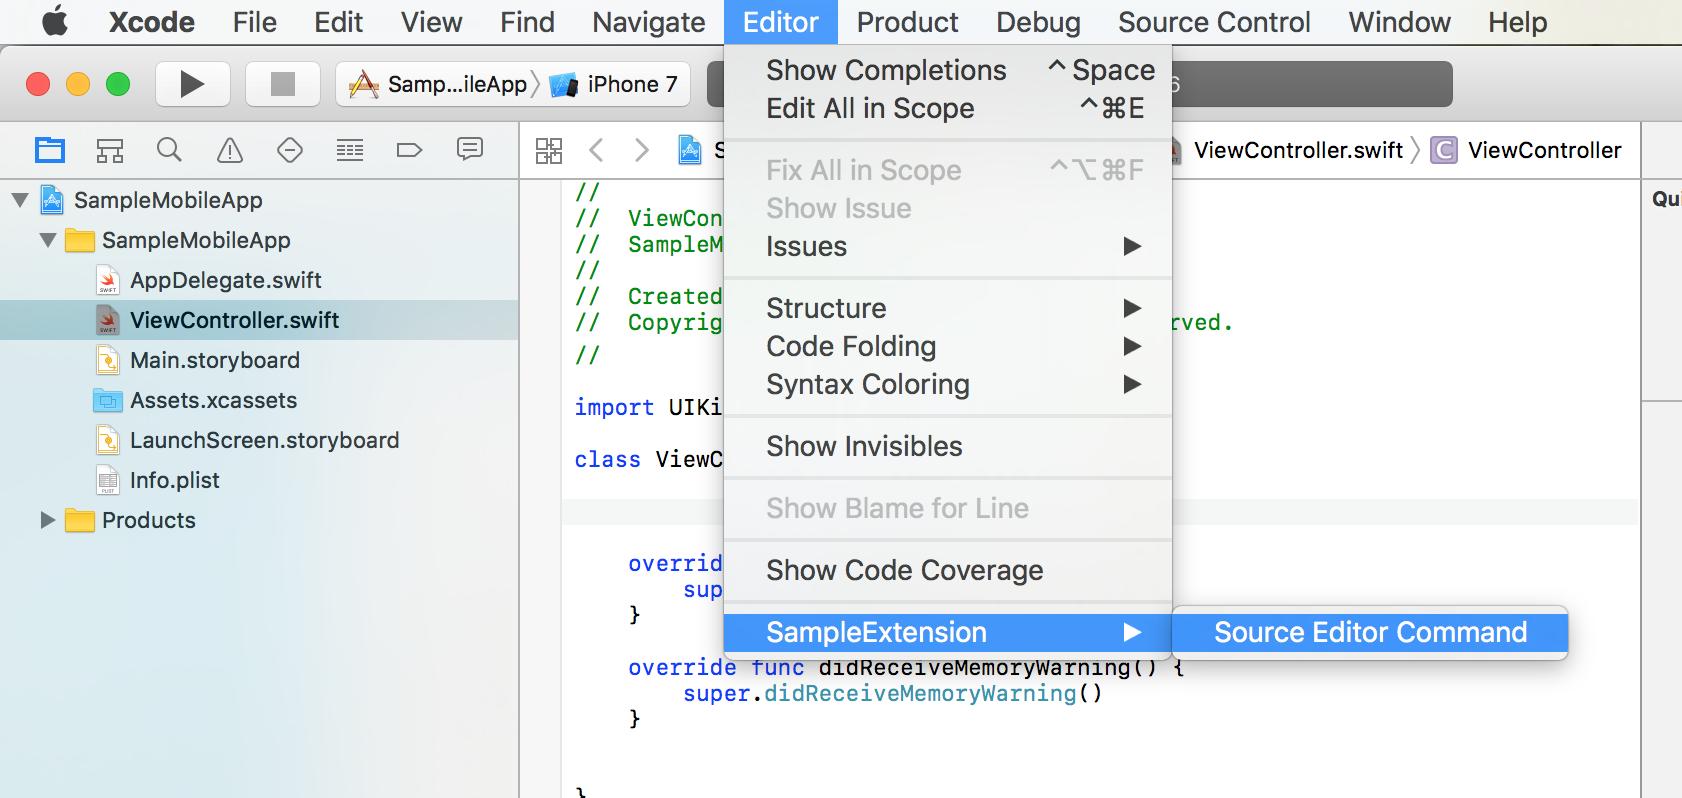 xcode-source-editor-ext-debug-03